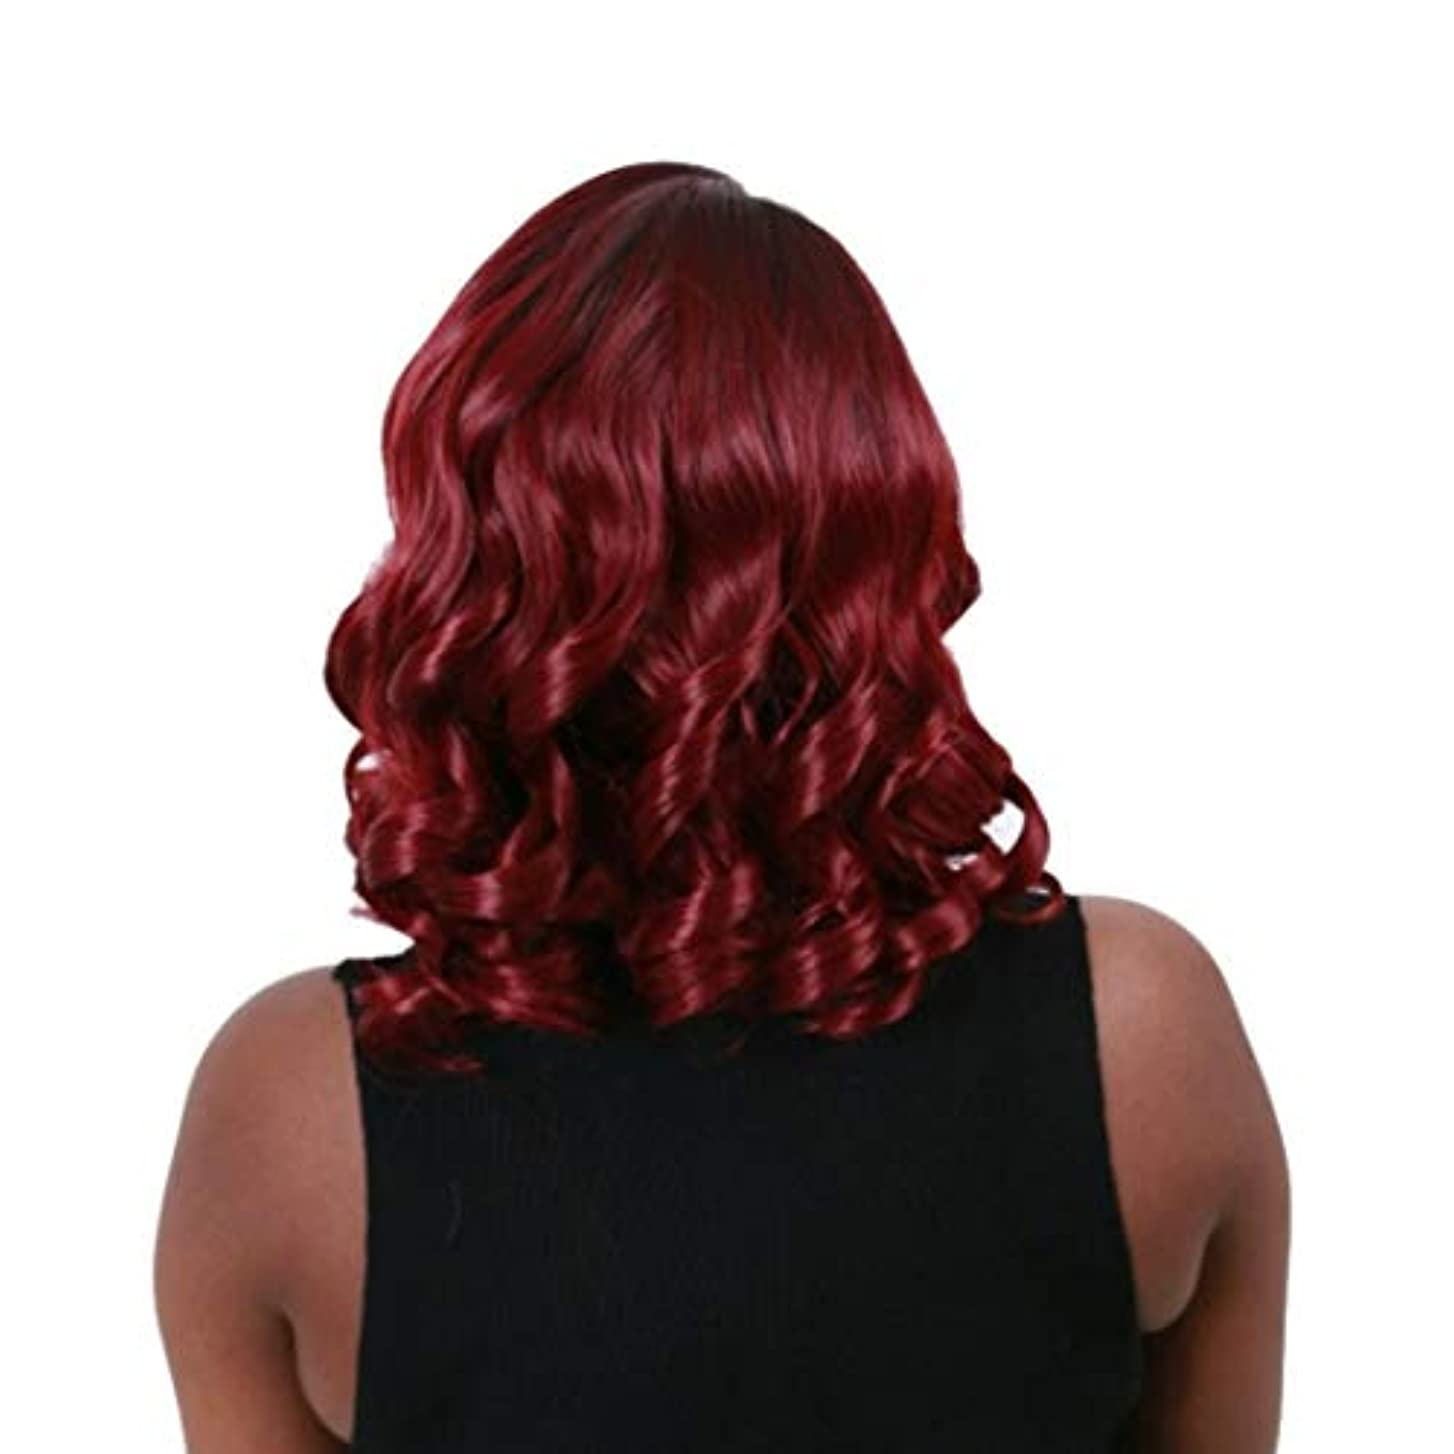 理容室印象ラッシュKerwinner かつら女性のための傾斜前髪ショートカーリーヘアーワインレッド高温シルクウィッグ